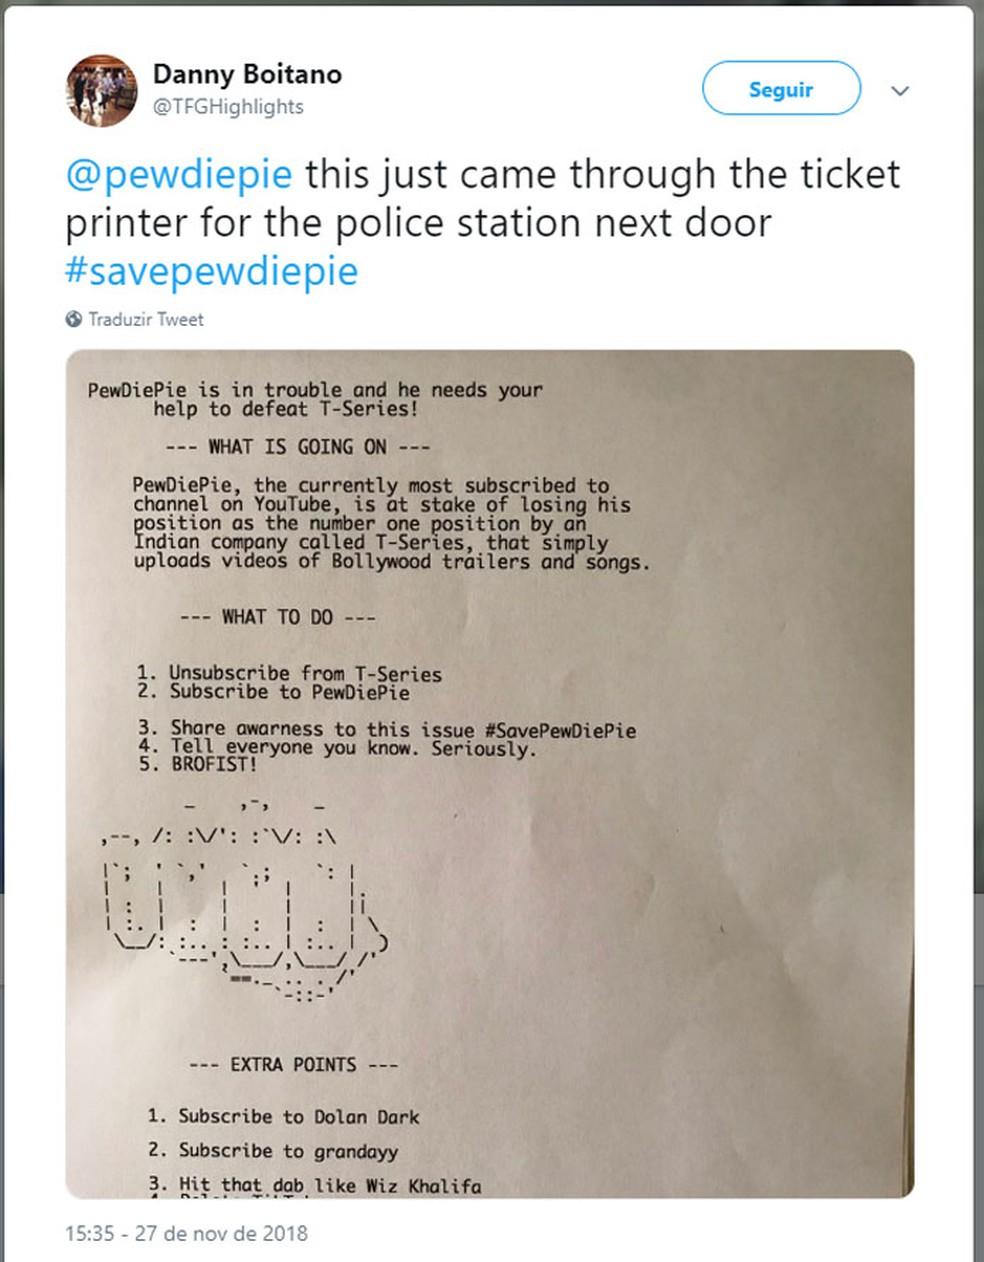 Usuário relata no Twitter que impressora em delegacia de polícia emitiu recado sobre canal de PewDiePie. — Foto: Reprodução